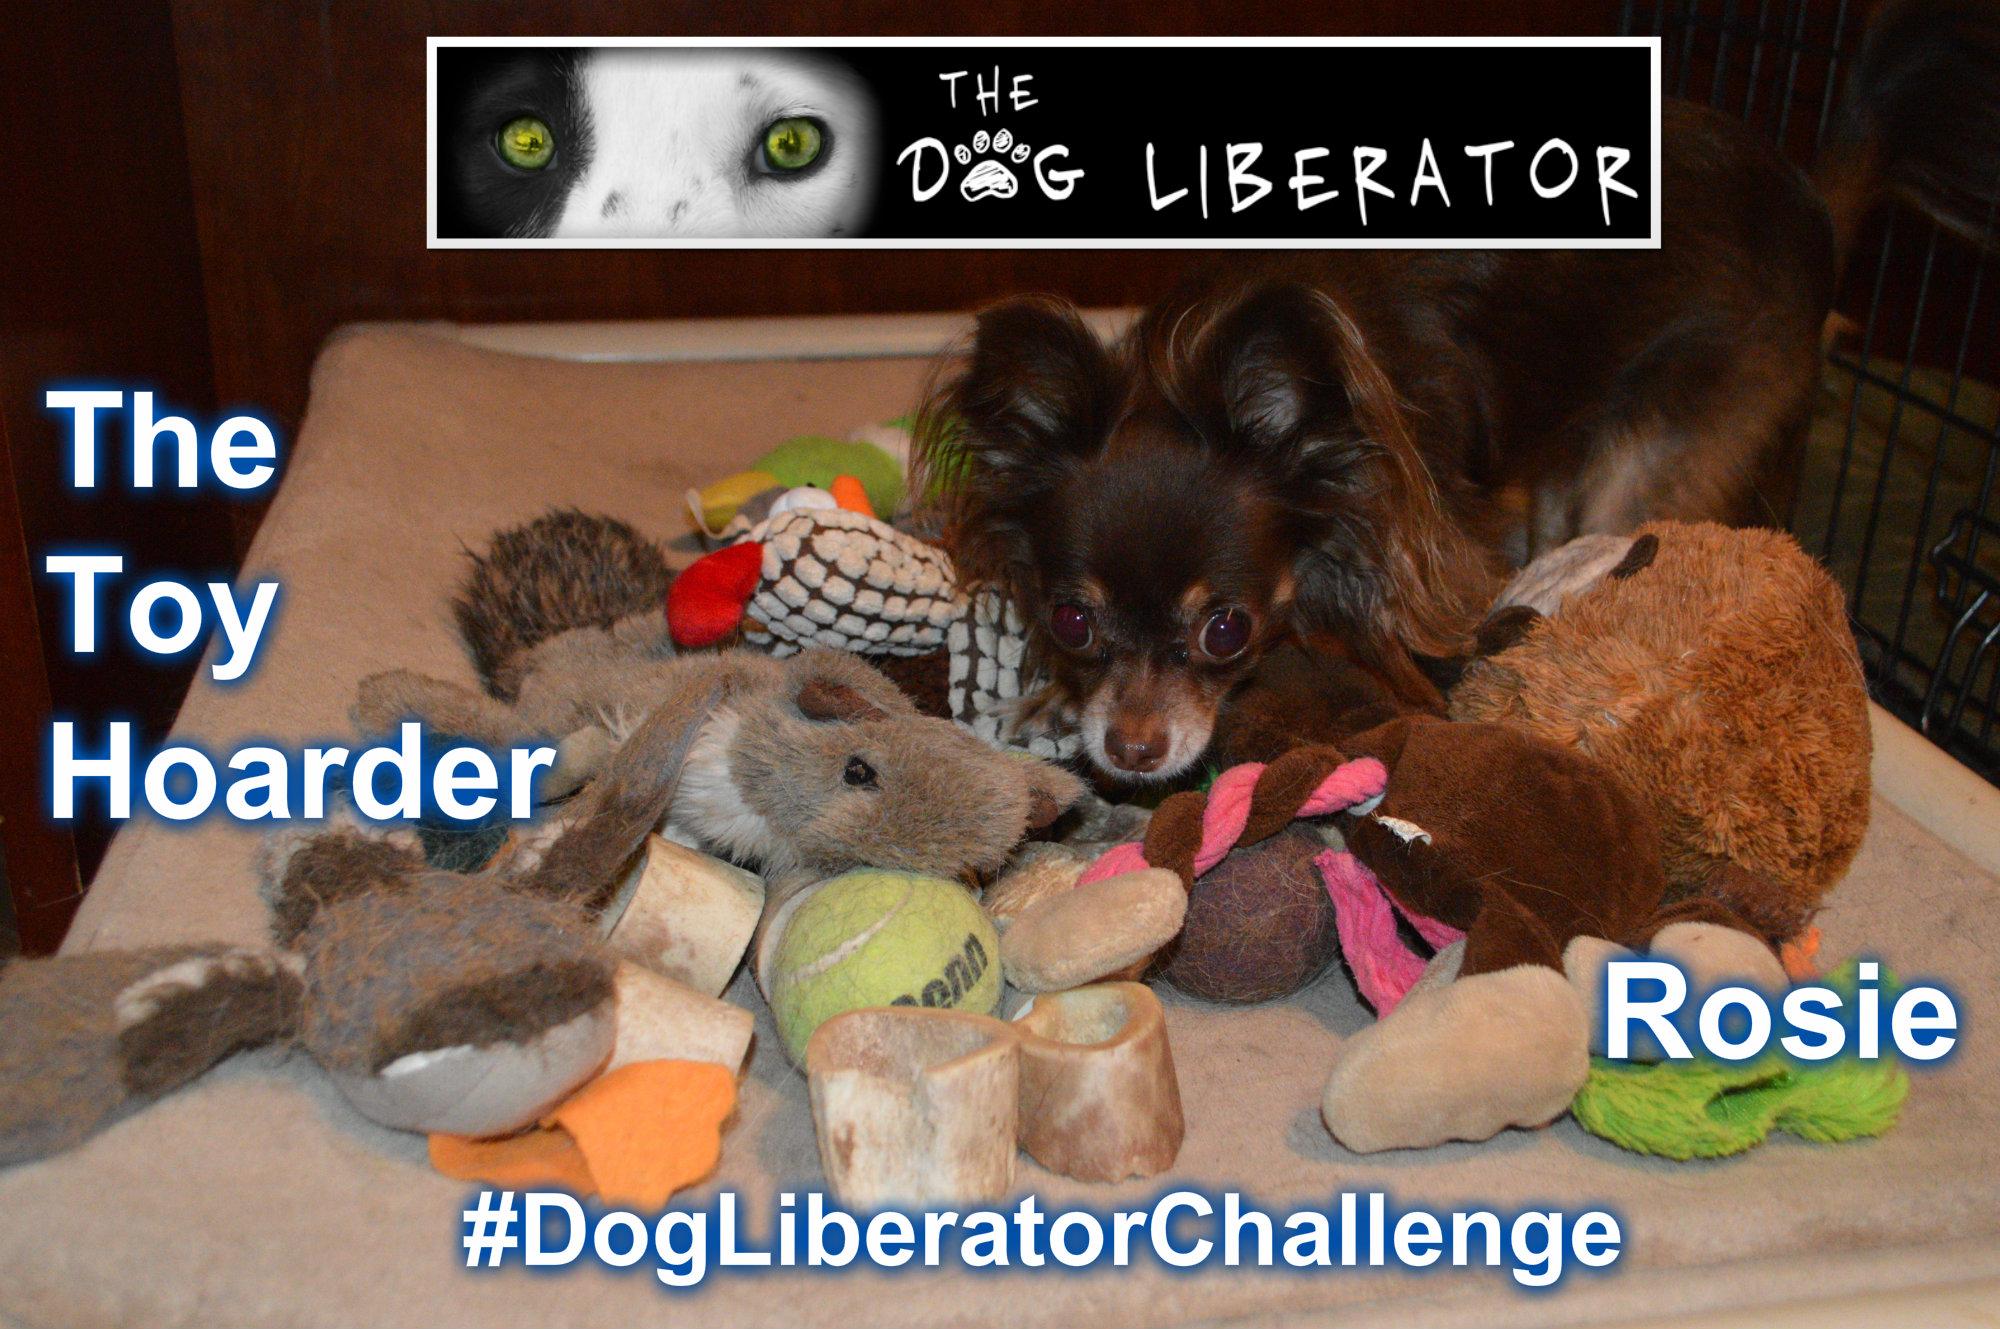 #DogLiberatorChallenge-The Hoarder Collie